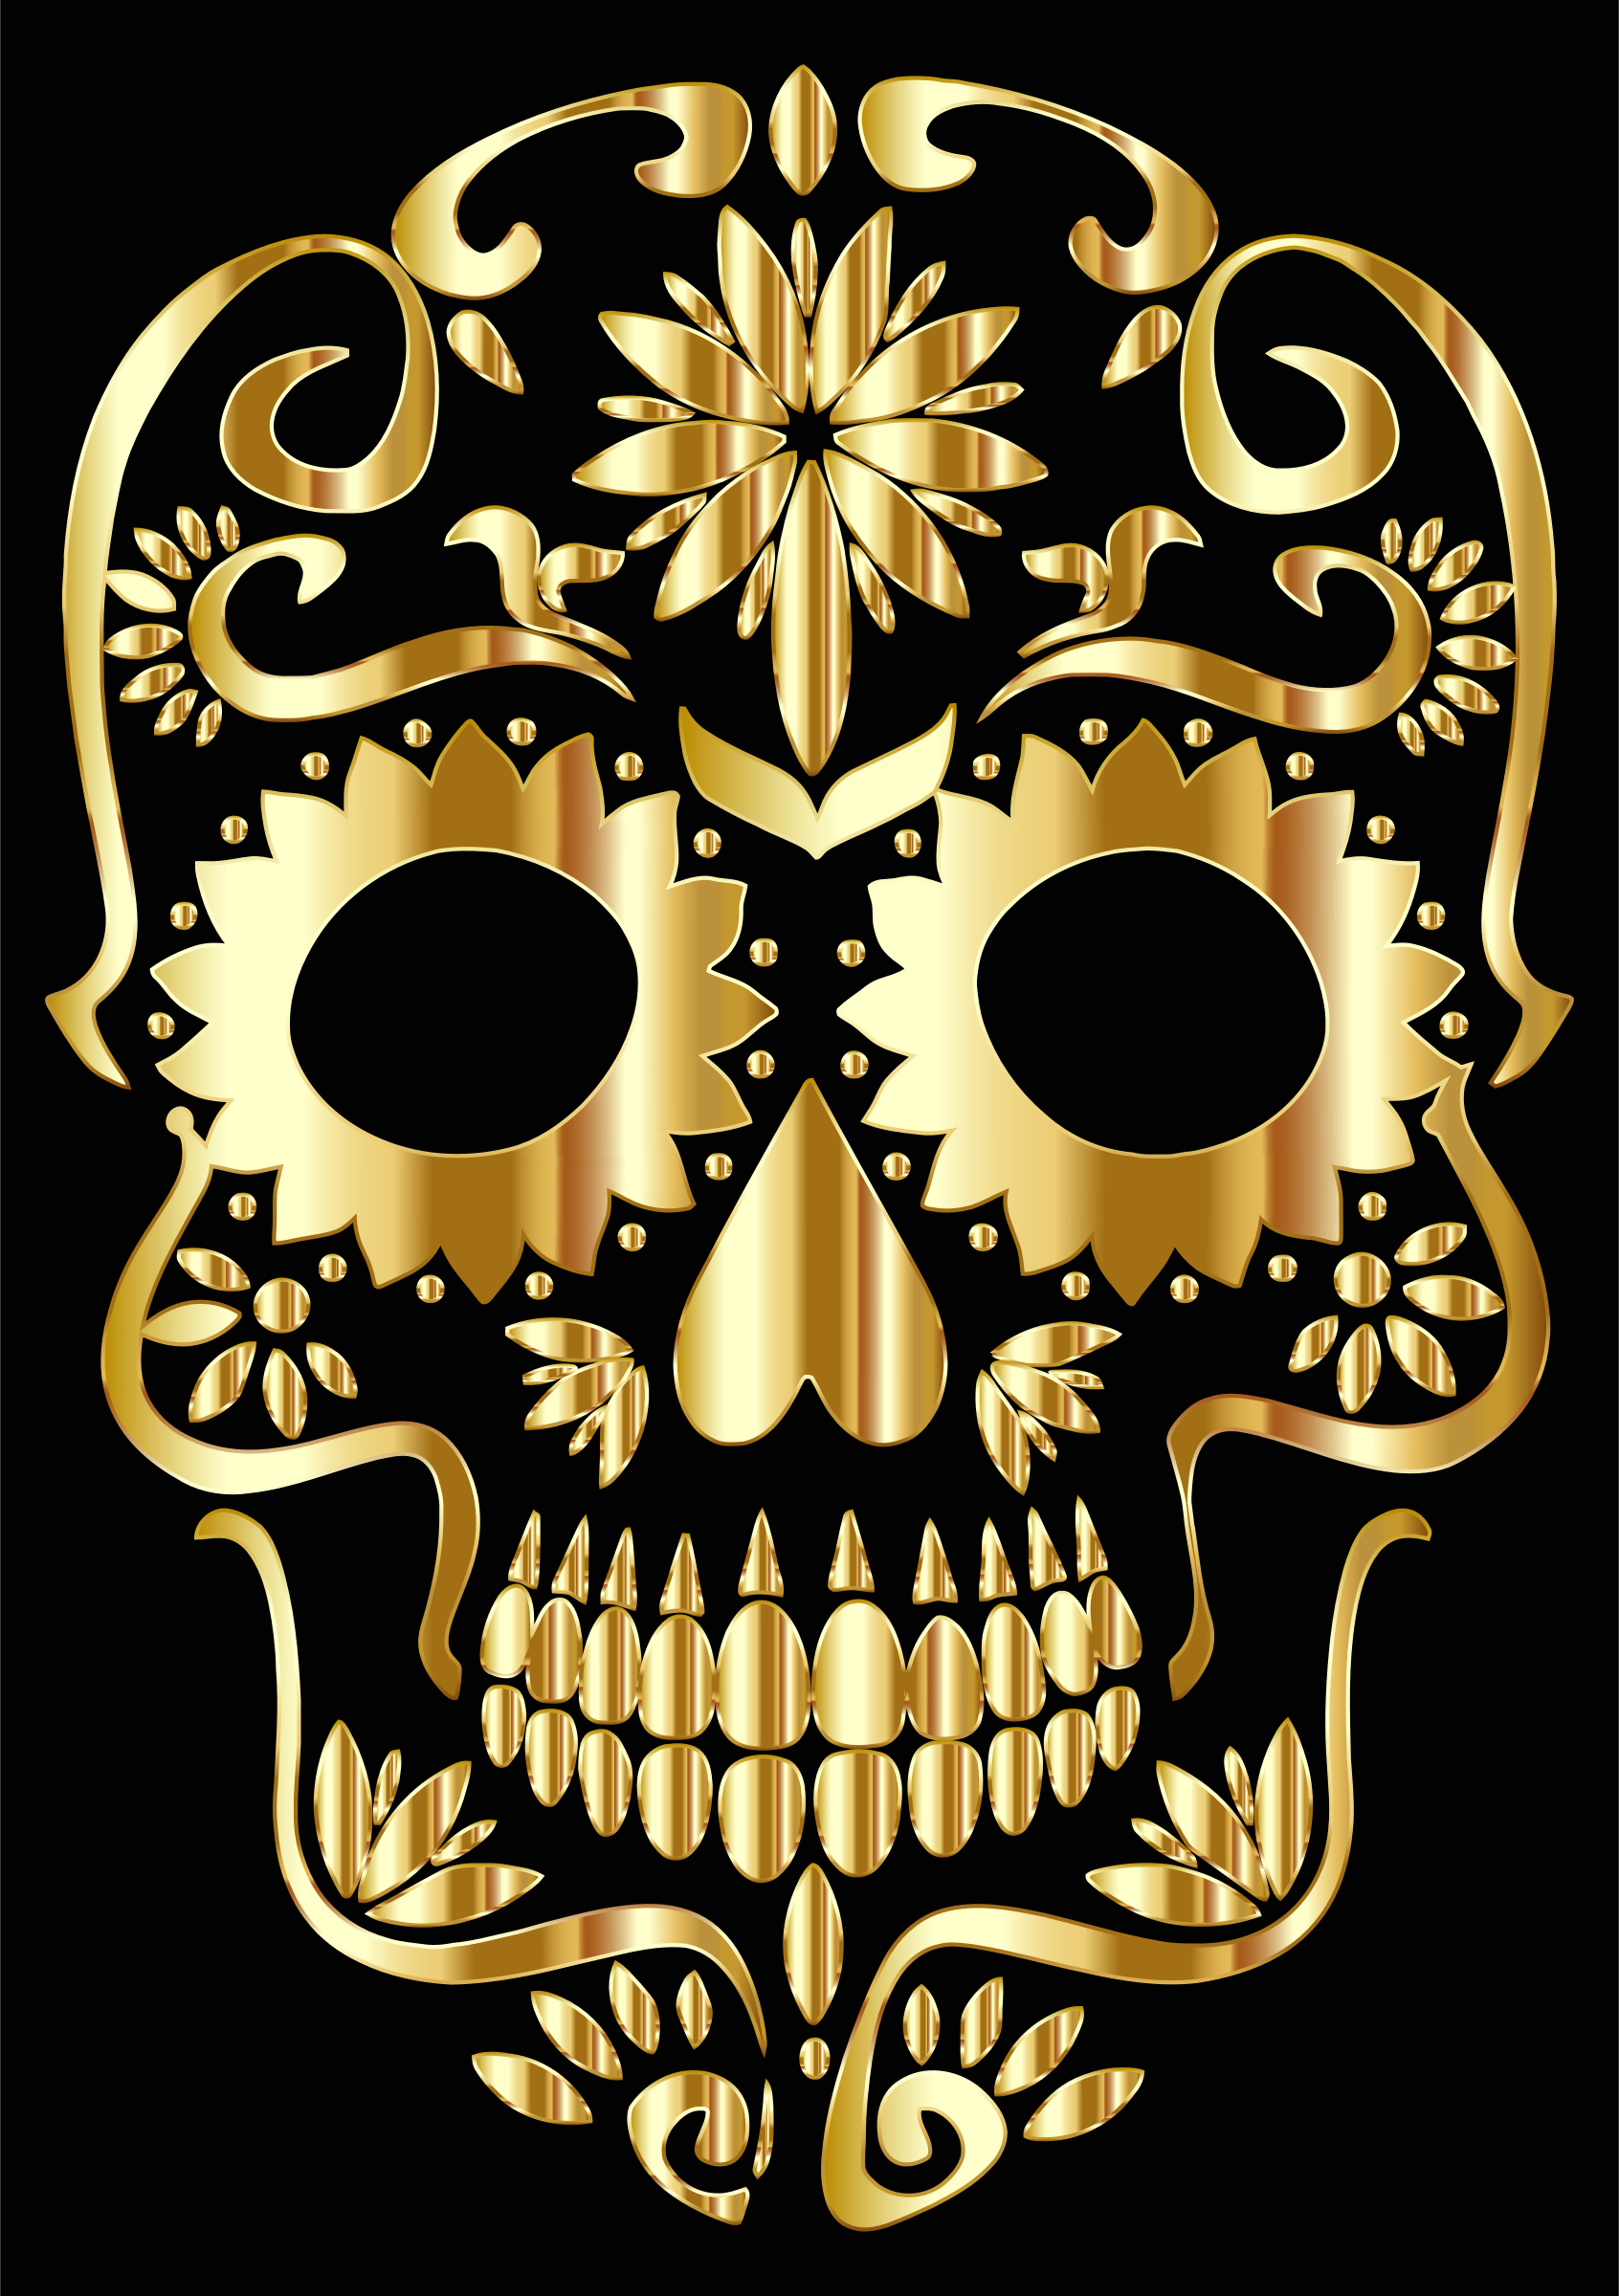 Clipart - Gold Sugar Skull Silhouette